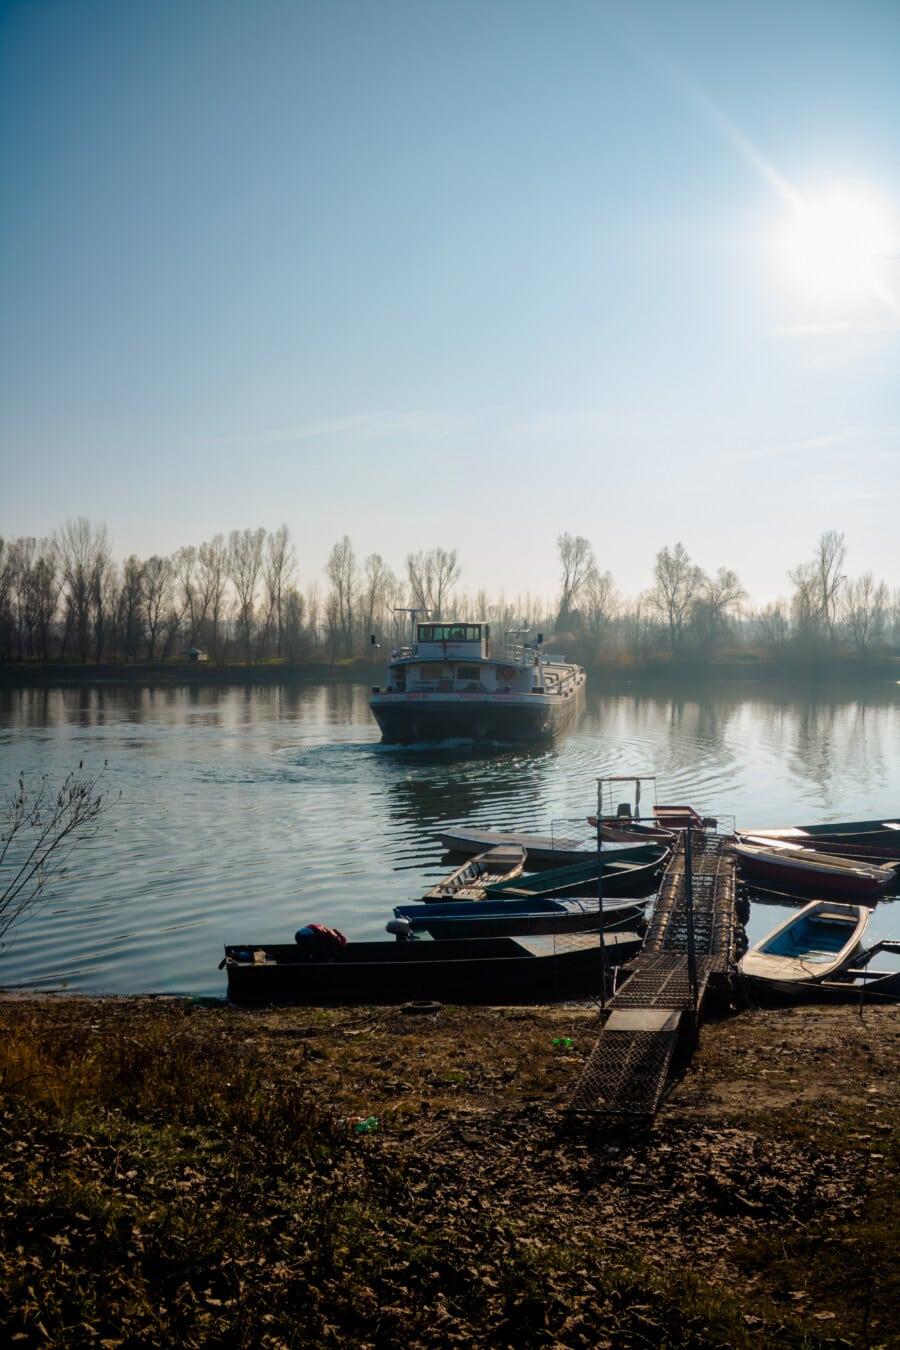 Schlepper, Lastkahn, Ufer, Schuppen, Boot, Wasser, See, Fahrzeug, Wasserfahrzeuge, Sonnenuntergang